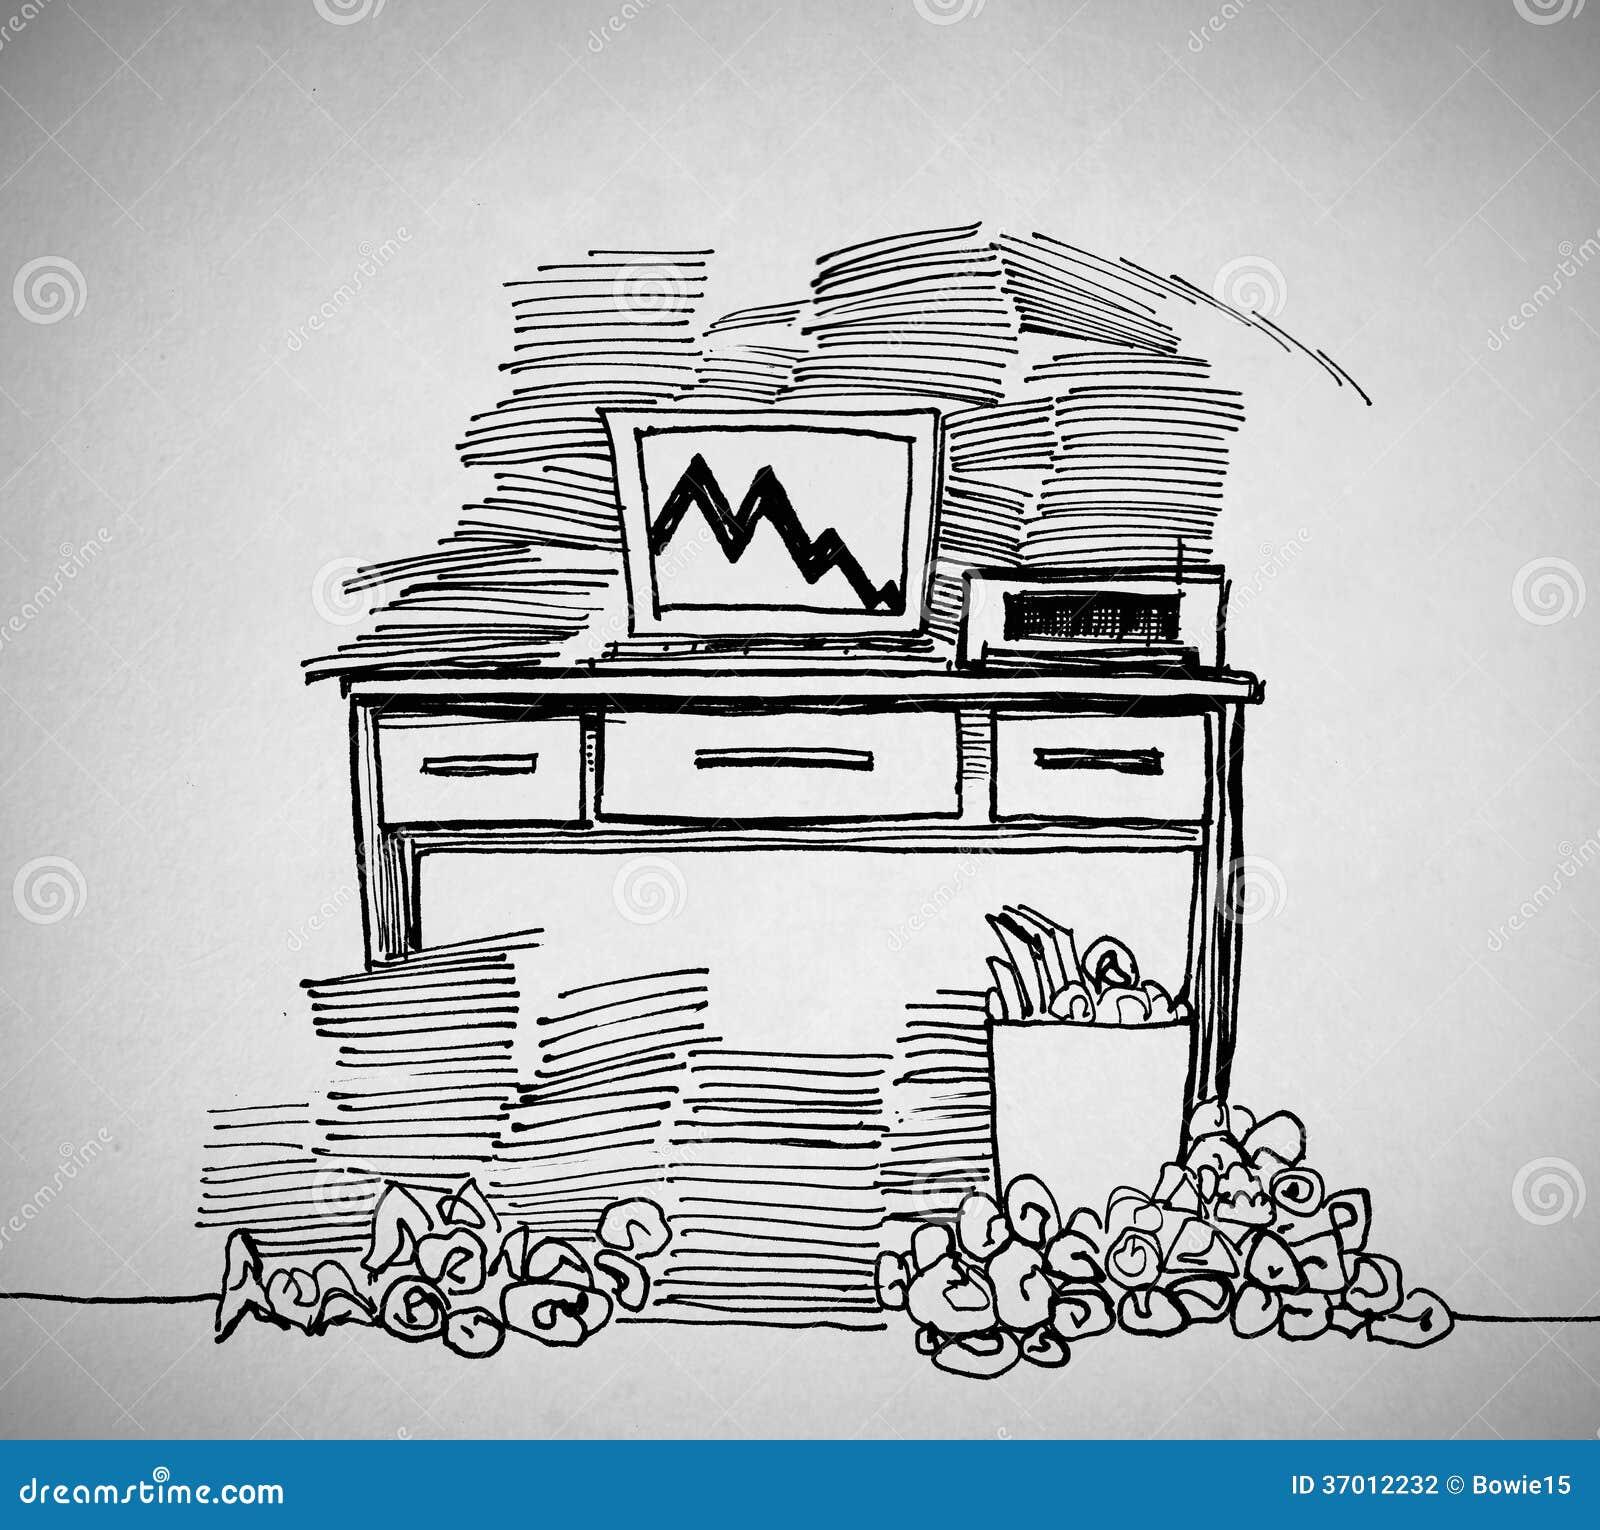 Schreibtisch gezeichnet  Gezeichnet Von Einem Schreibtisch Stockfotografie - Bild: 37012232